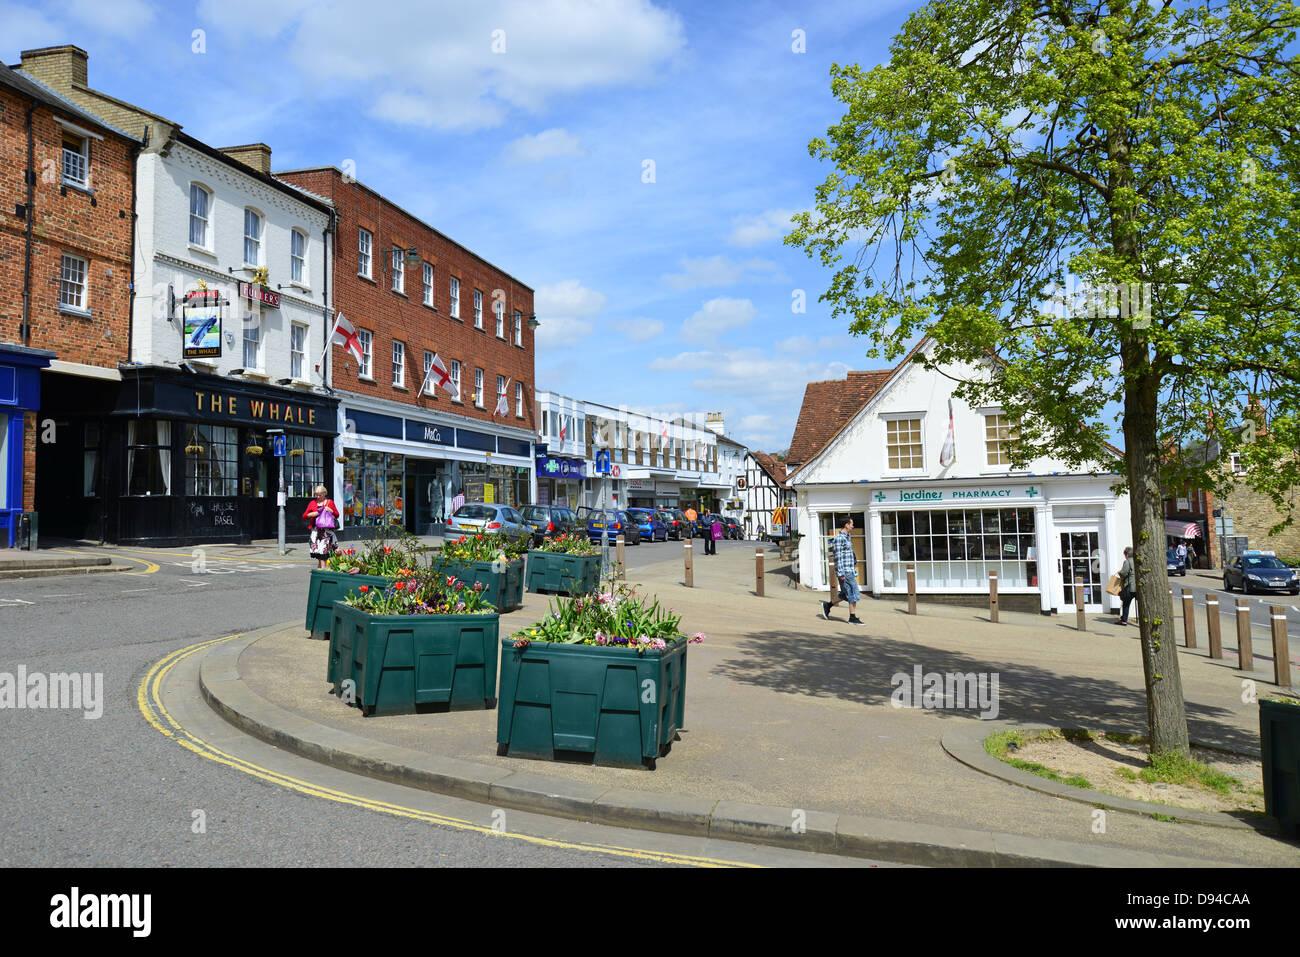 Markethill united kingdom